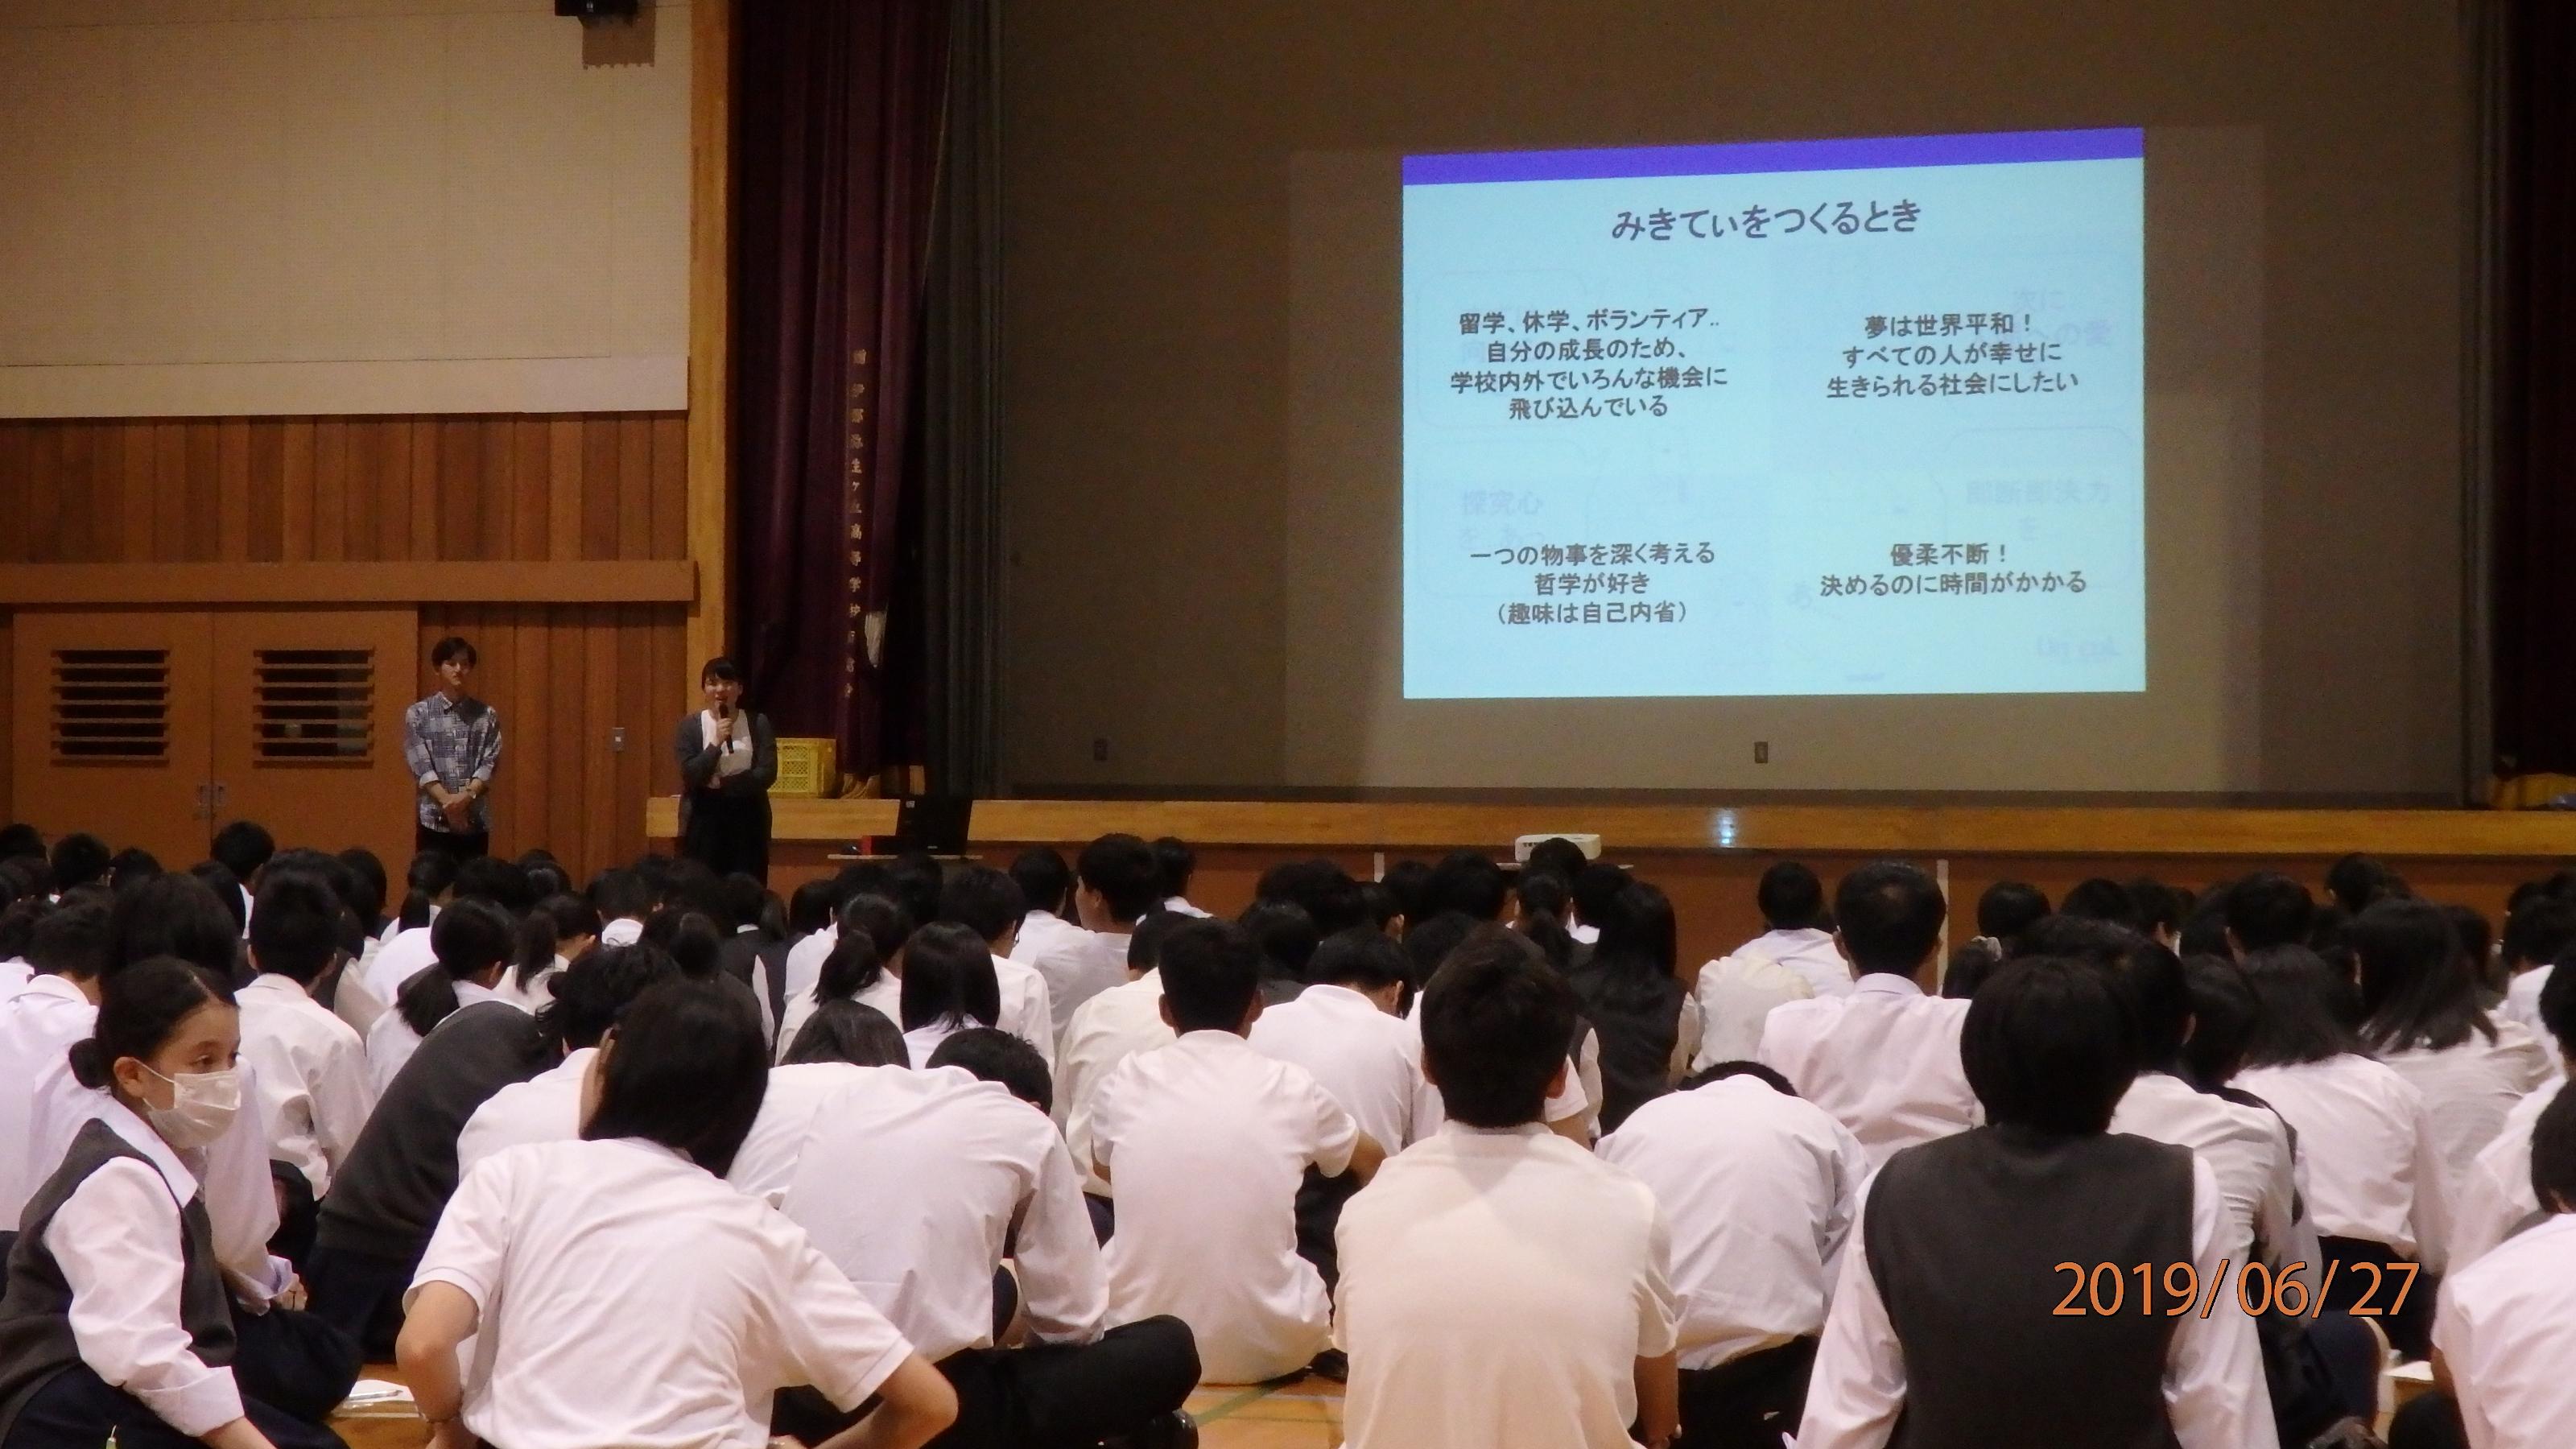 【メディア掲載】伊那弥生ヶ丘高校でのワークショップの様子が長野日報に掲載されました